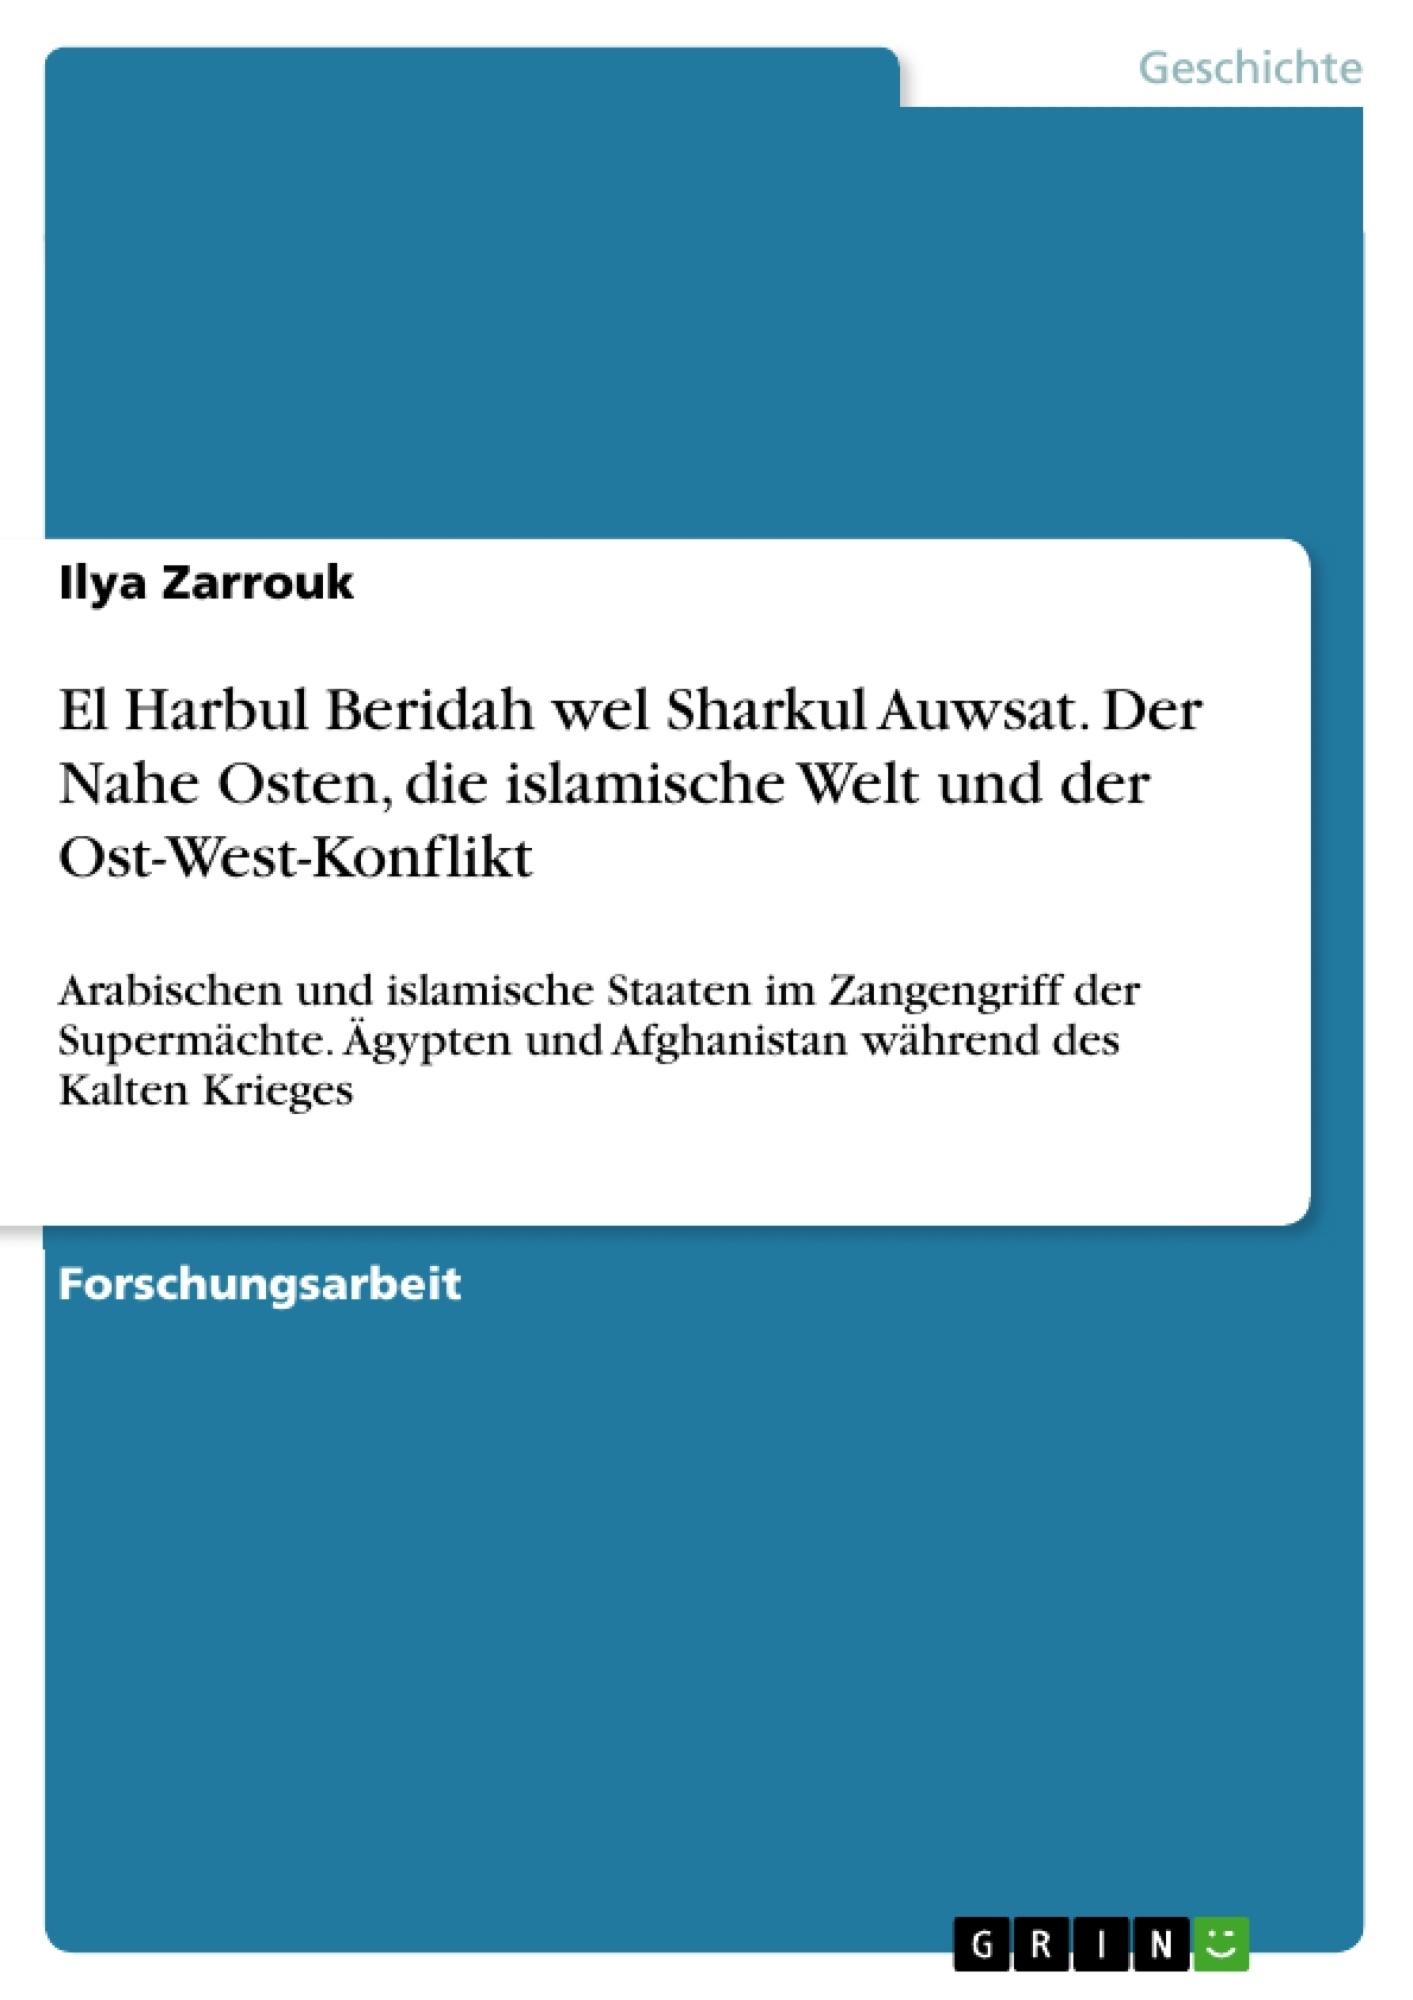 Titel: El Harbul Beridah wel Sharkul Auwsat. Der Nahe Osten, die islamische Welt und der Ost-West-Konflikt